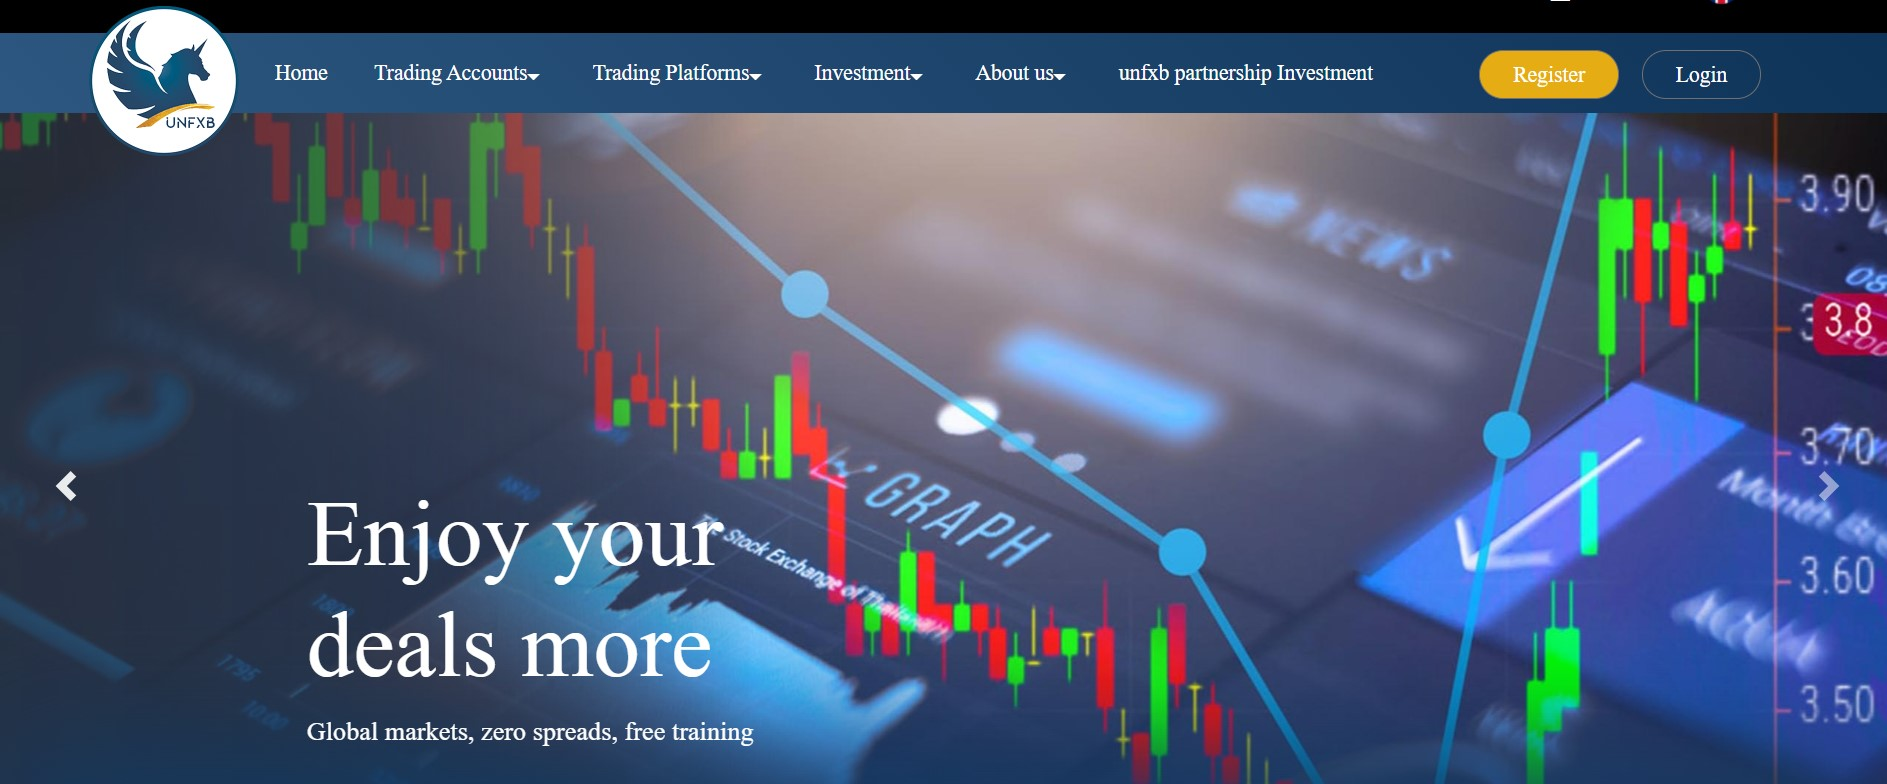 UNFXB website